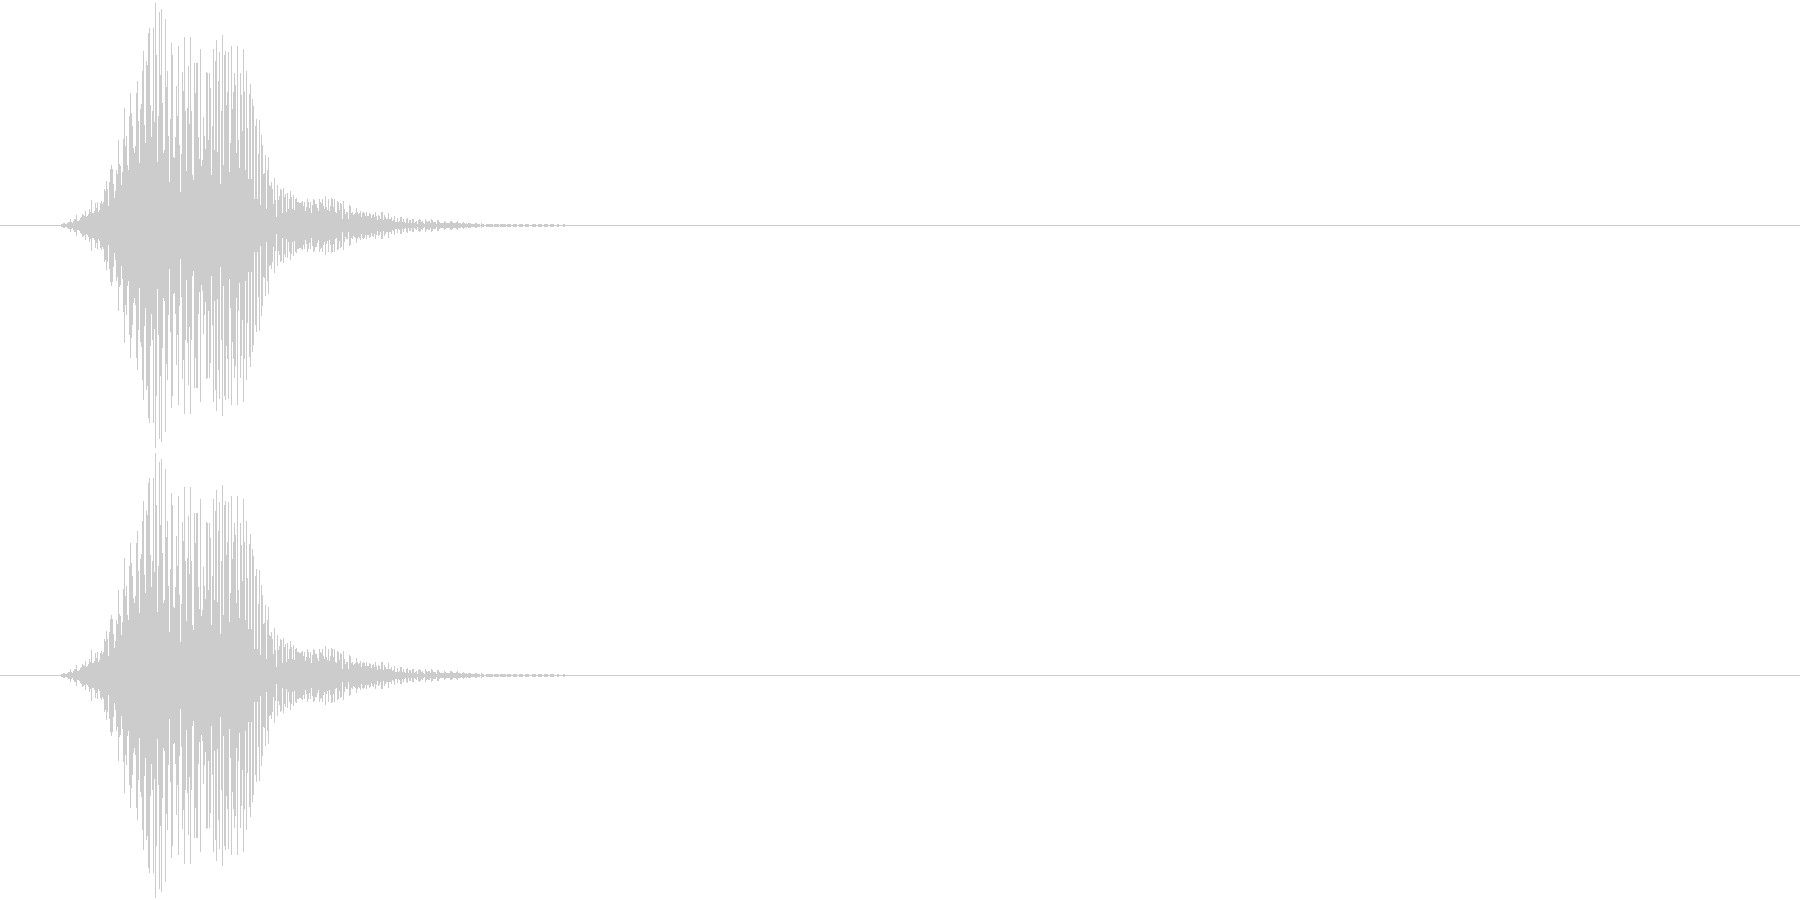 フォン(入力失敗 ワープ バーチャル) の未再生の波形